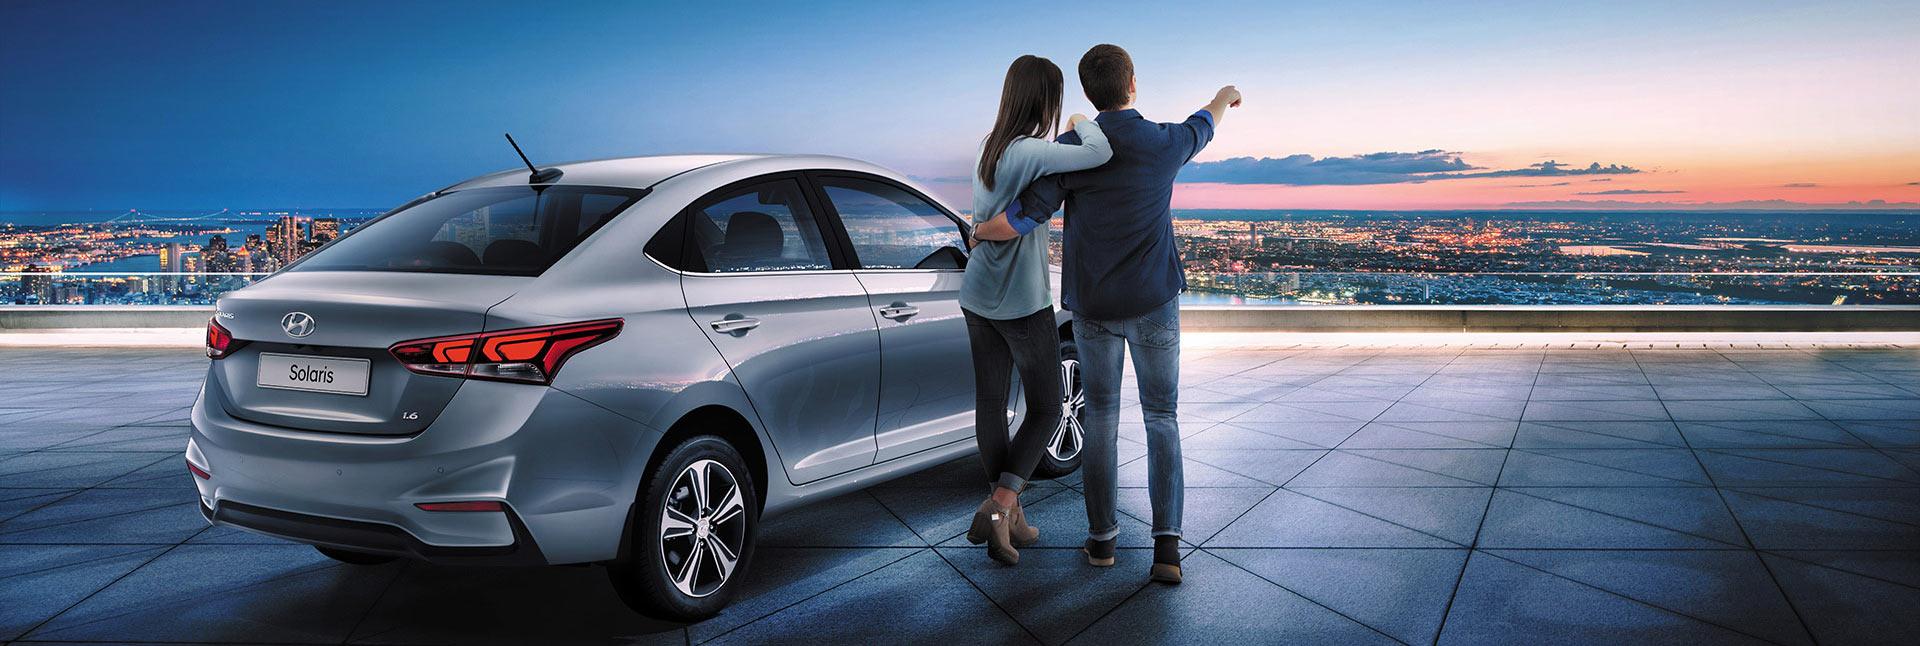 Картинки по запросу Прокат автомобиля в Алматы